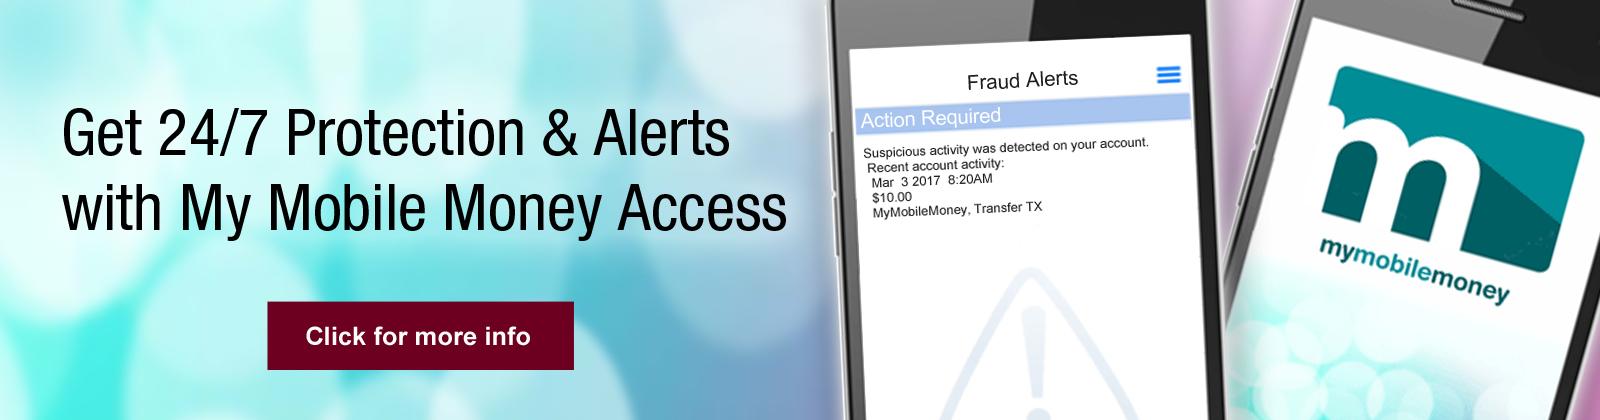 LCU060817A_FraudAlert_WebSlider_v2